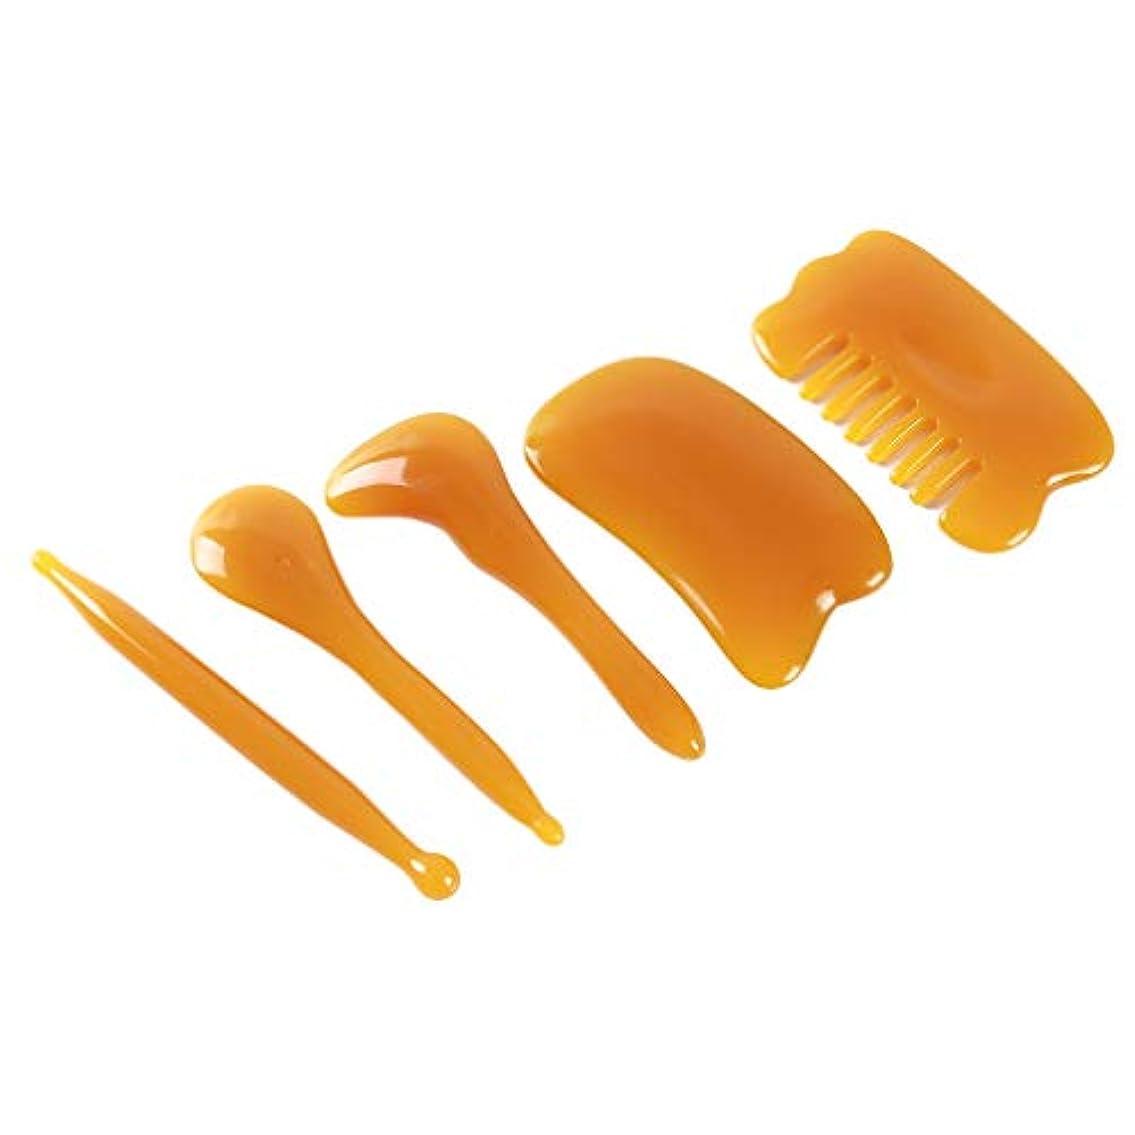 代わりにを立てる幻想オーガニックHonel カッサプレート こする櫛 頭部のマッサージ こするプレート 手動 スパ マッサージツール カッサ板 カッサマッサージ道具 5ピース